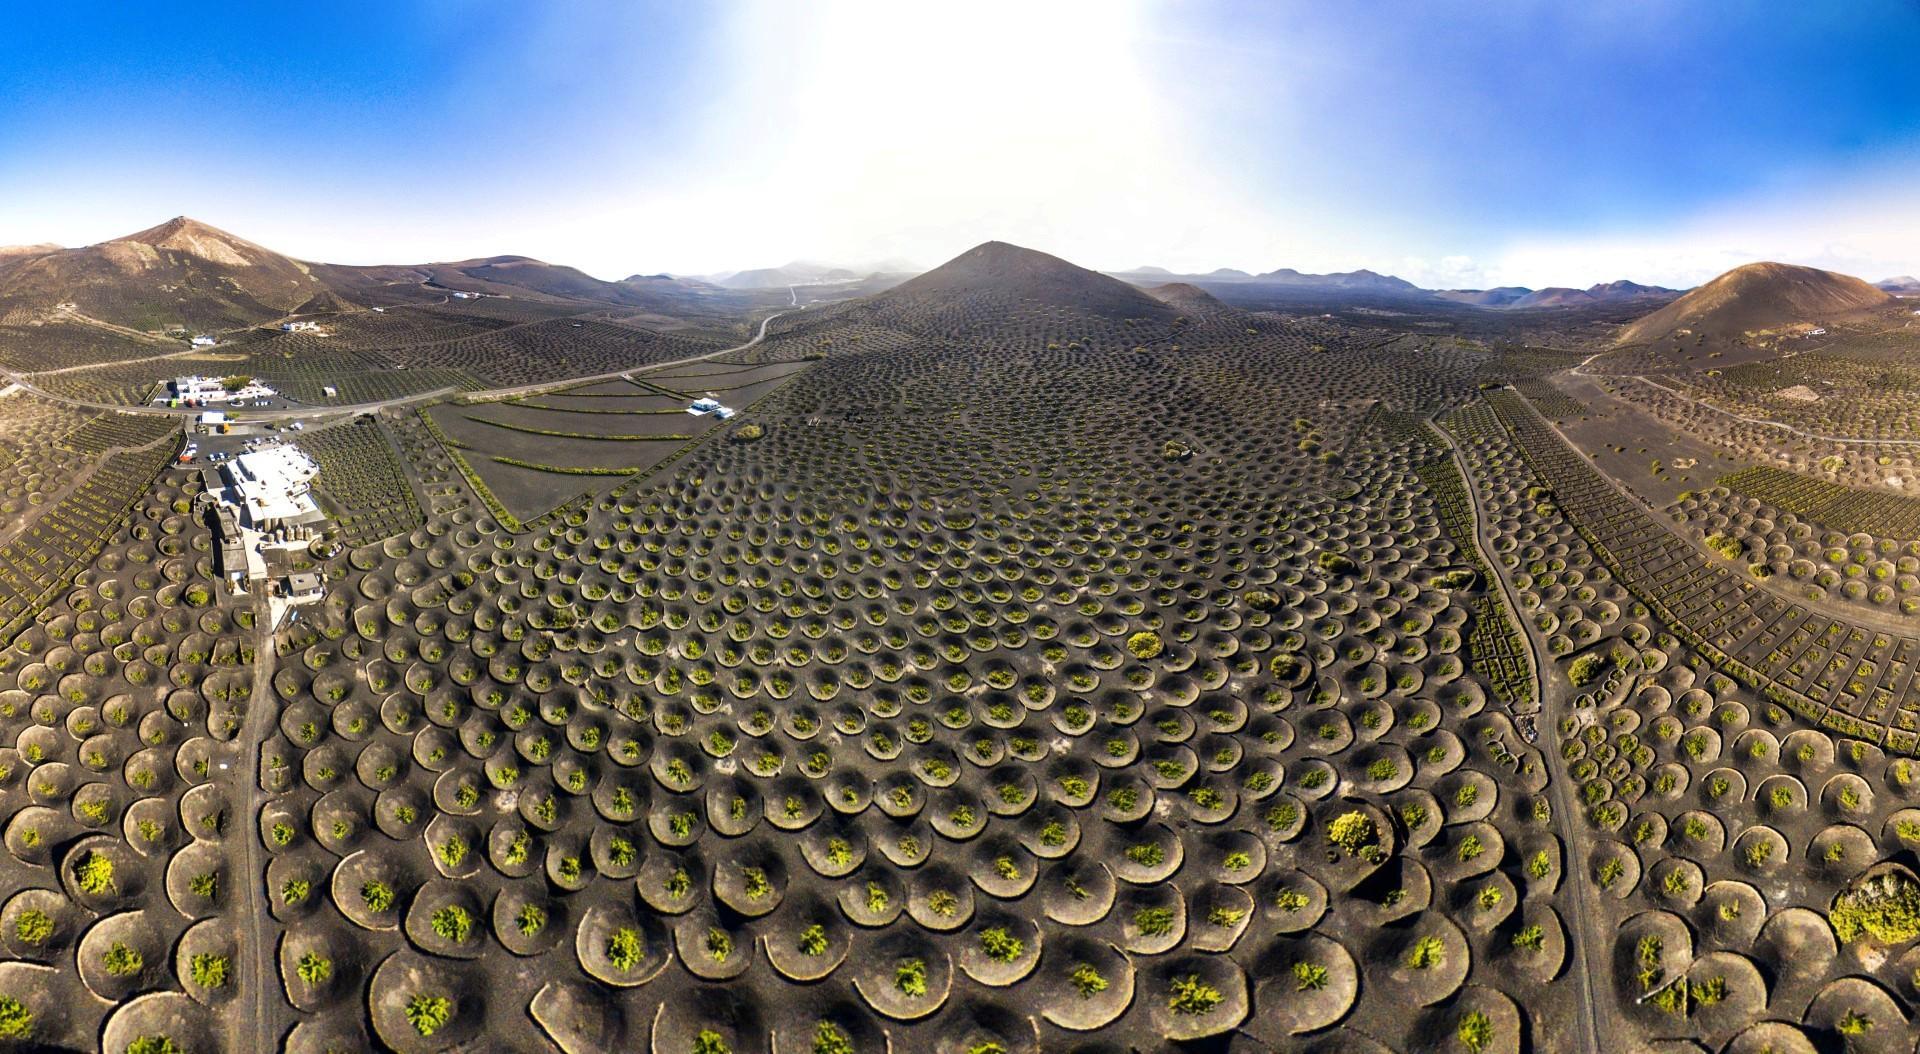 Favoloso Bellezze della natura: paesaggi di… vini - Tgcom24 HR29